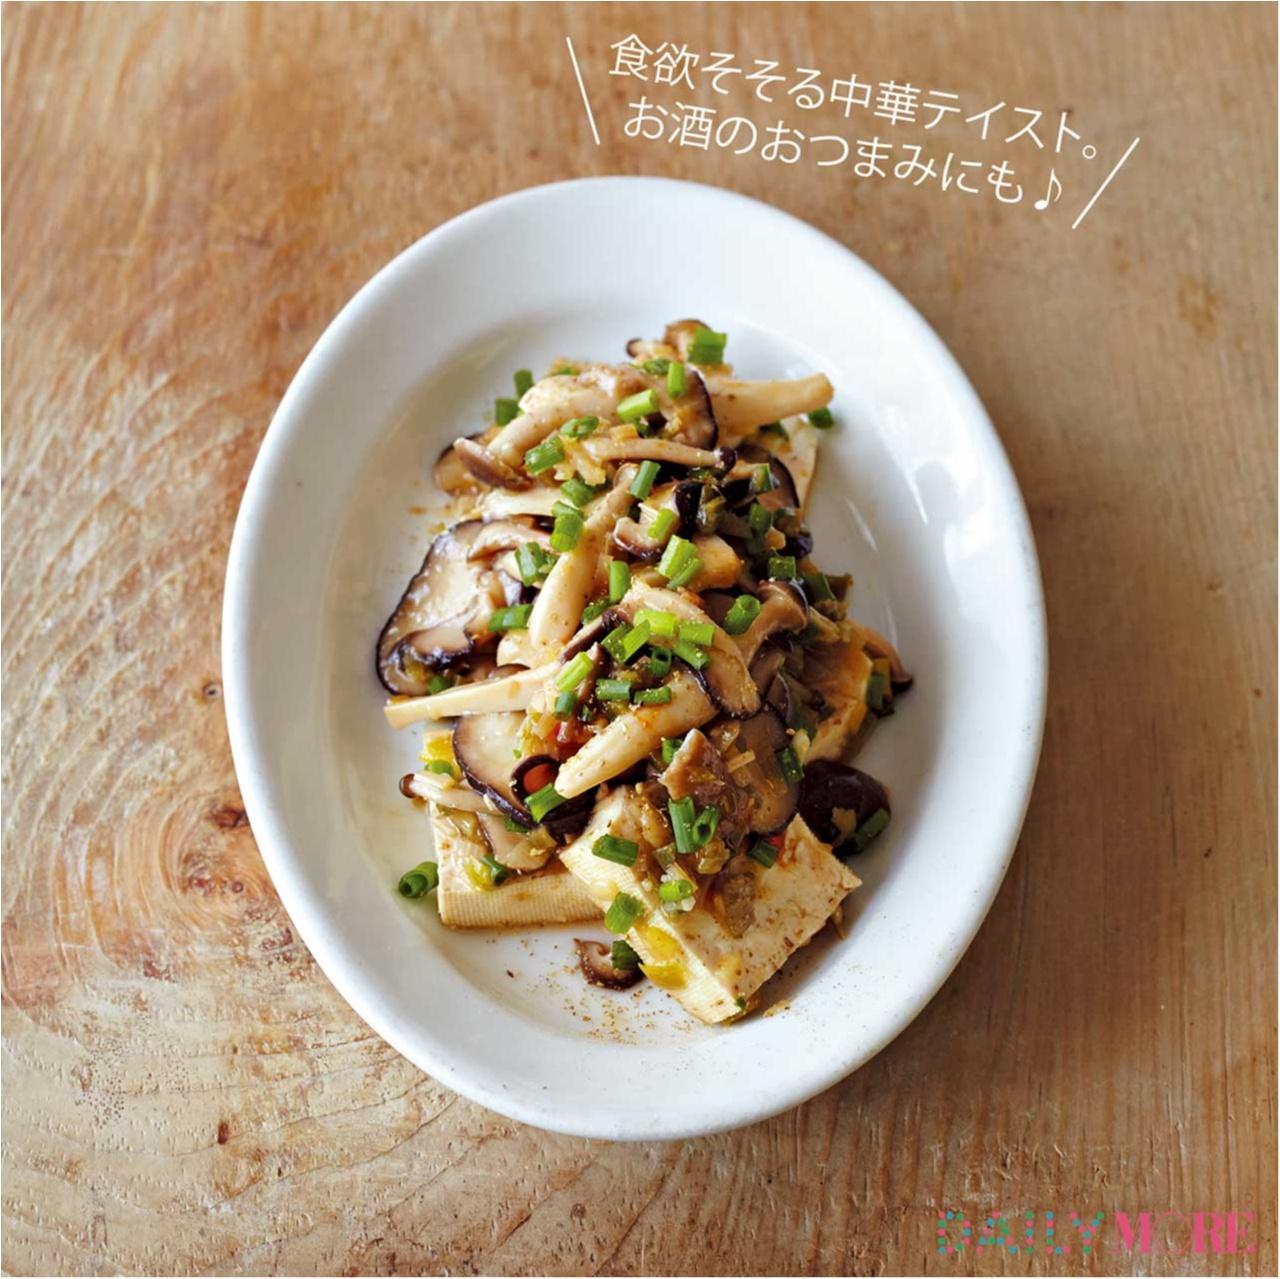 アレンジしてさらに美味しく♡ お弁当にもOK! 作りおき「きのこサラダ&エスニックサラダ」レシピ_1